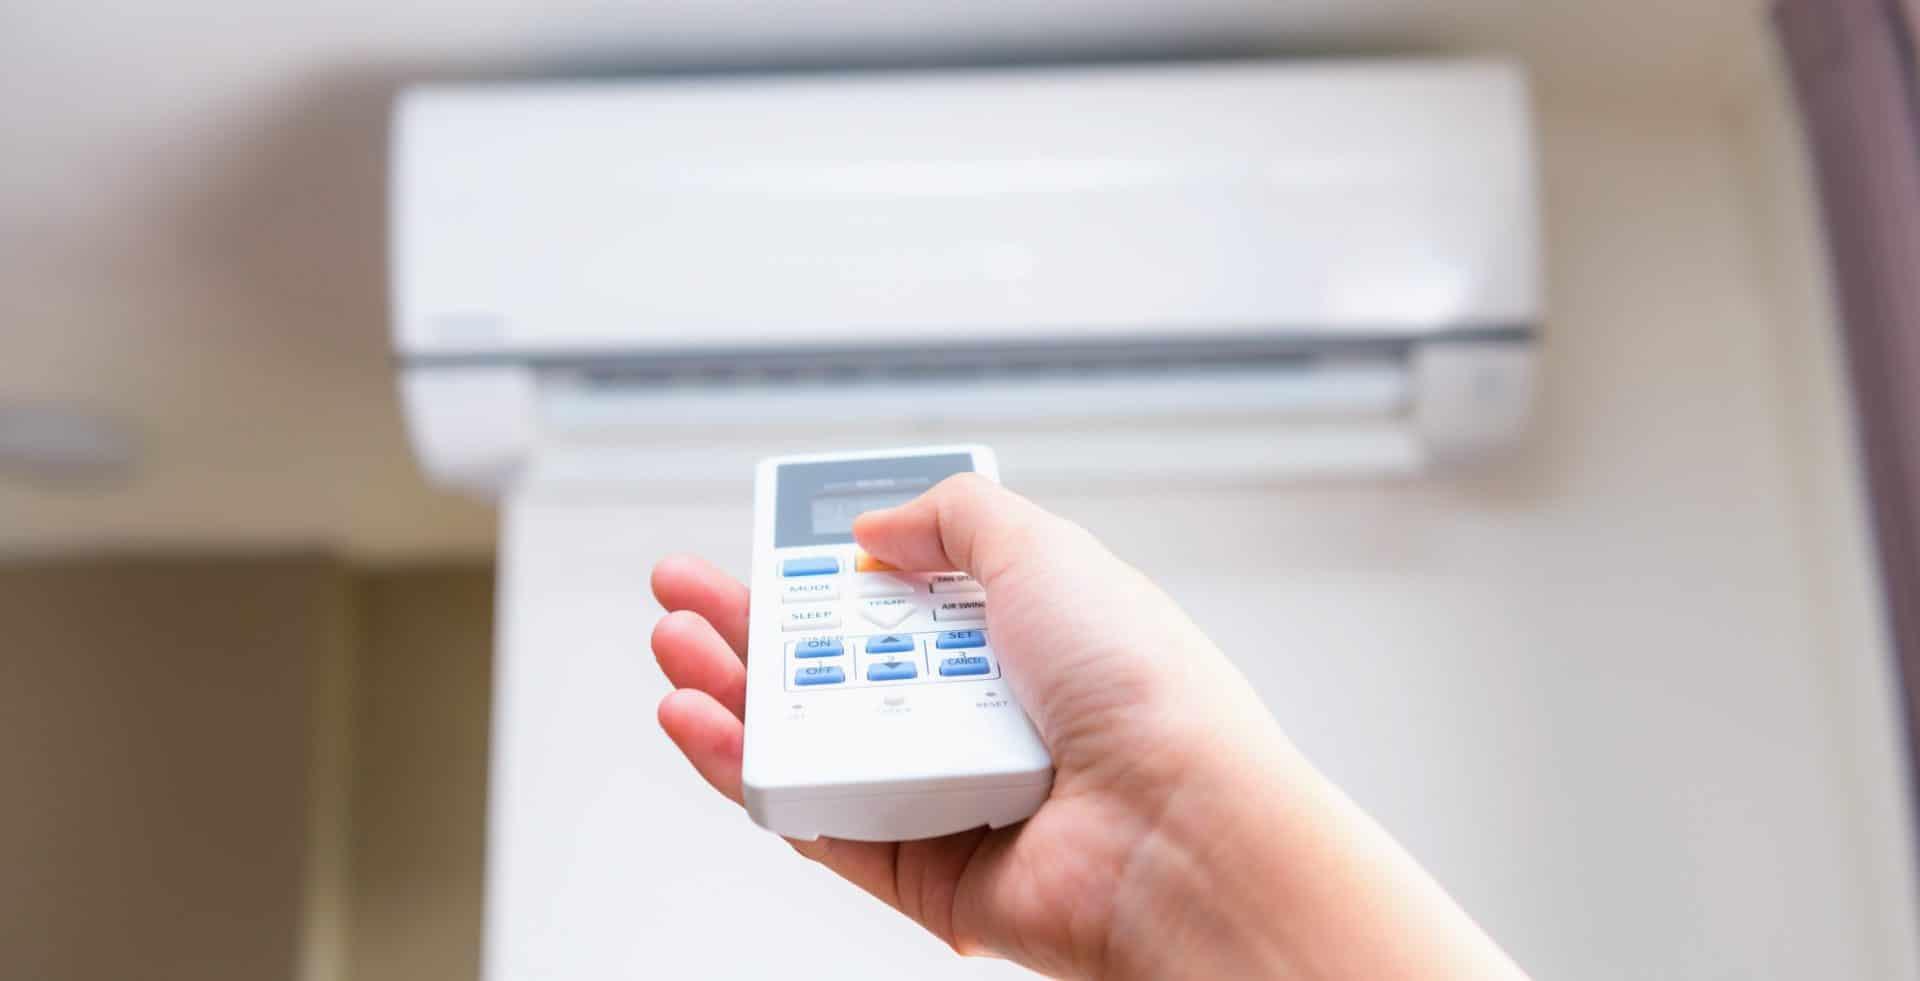 climatiseur reversible télécommandé